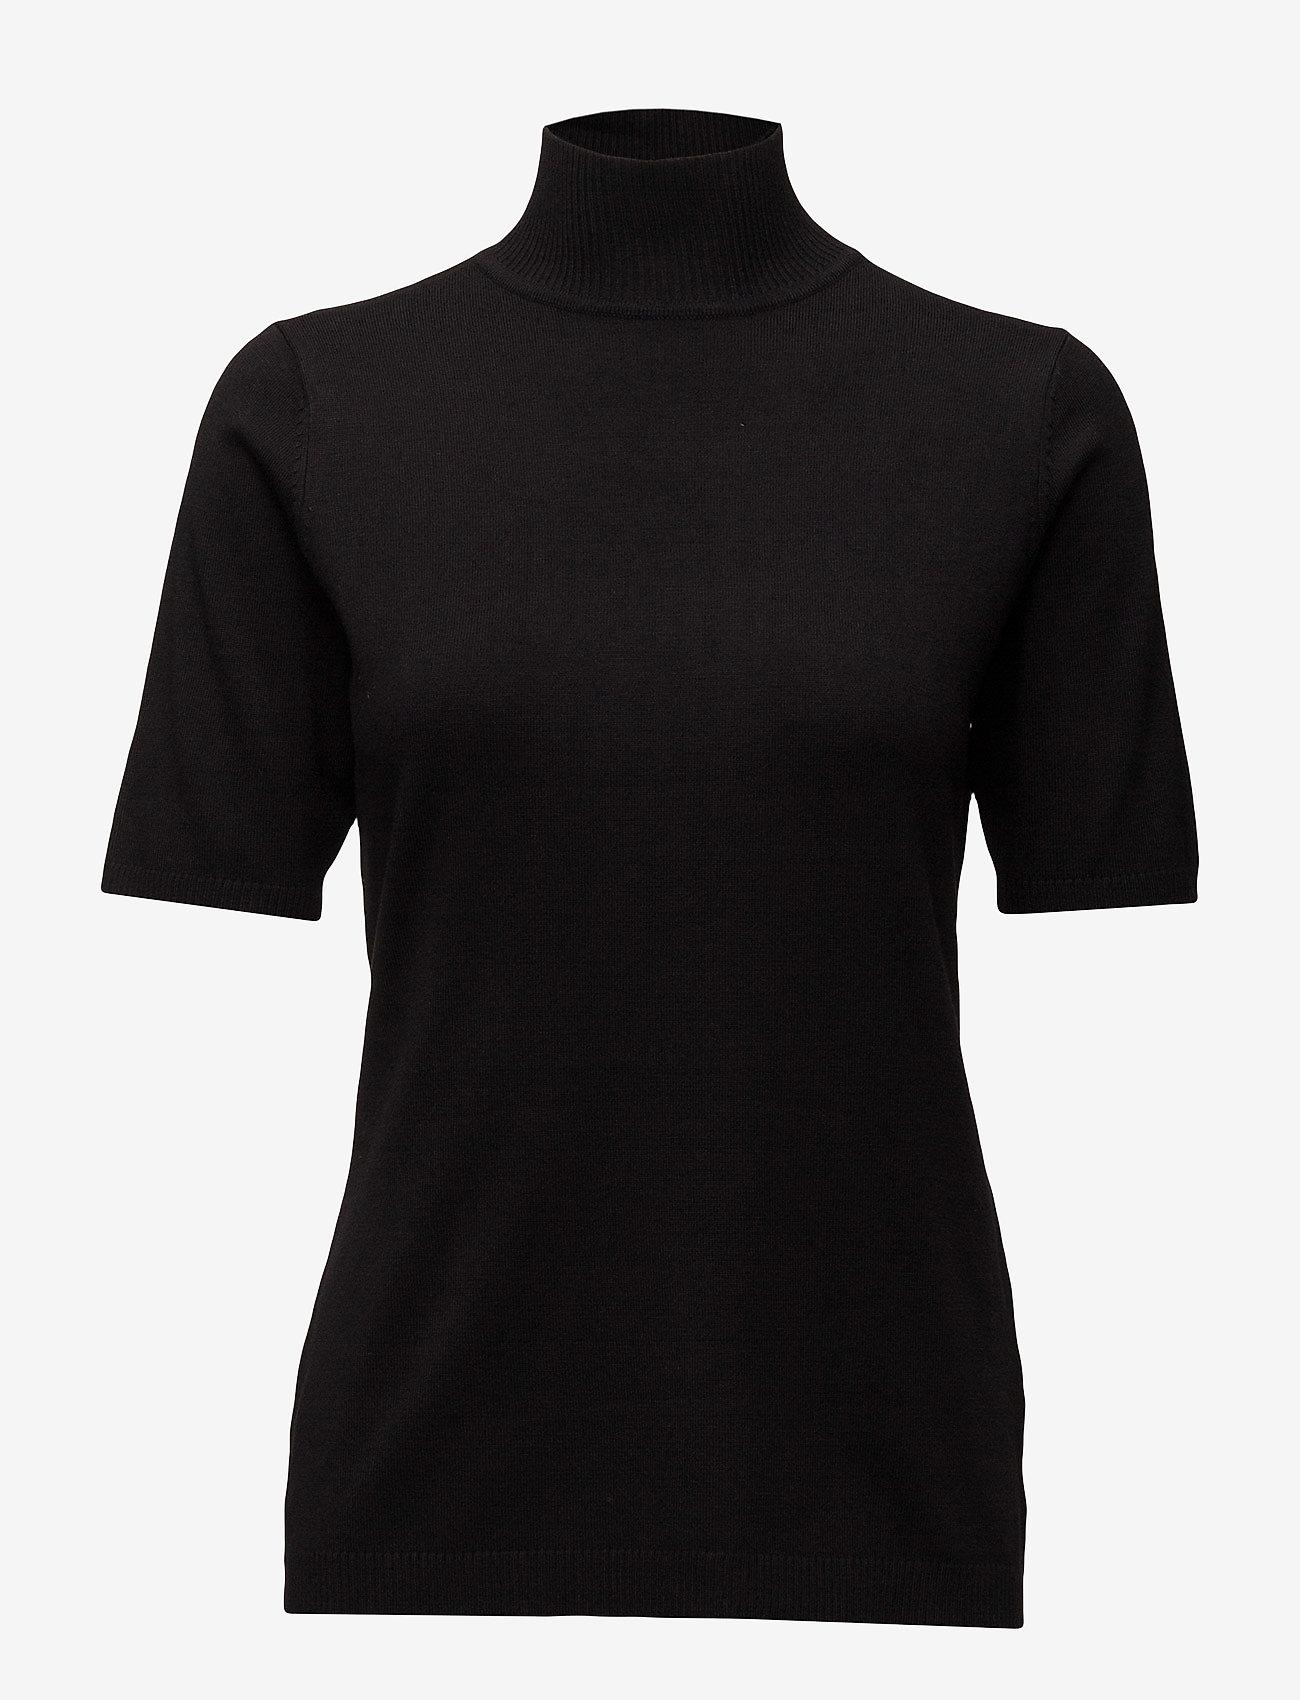 Minus - Lima roll neck knit - strikkede toppe - sort - 1